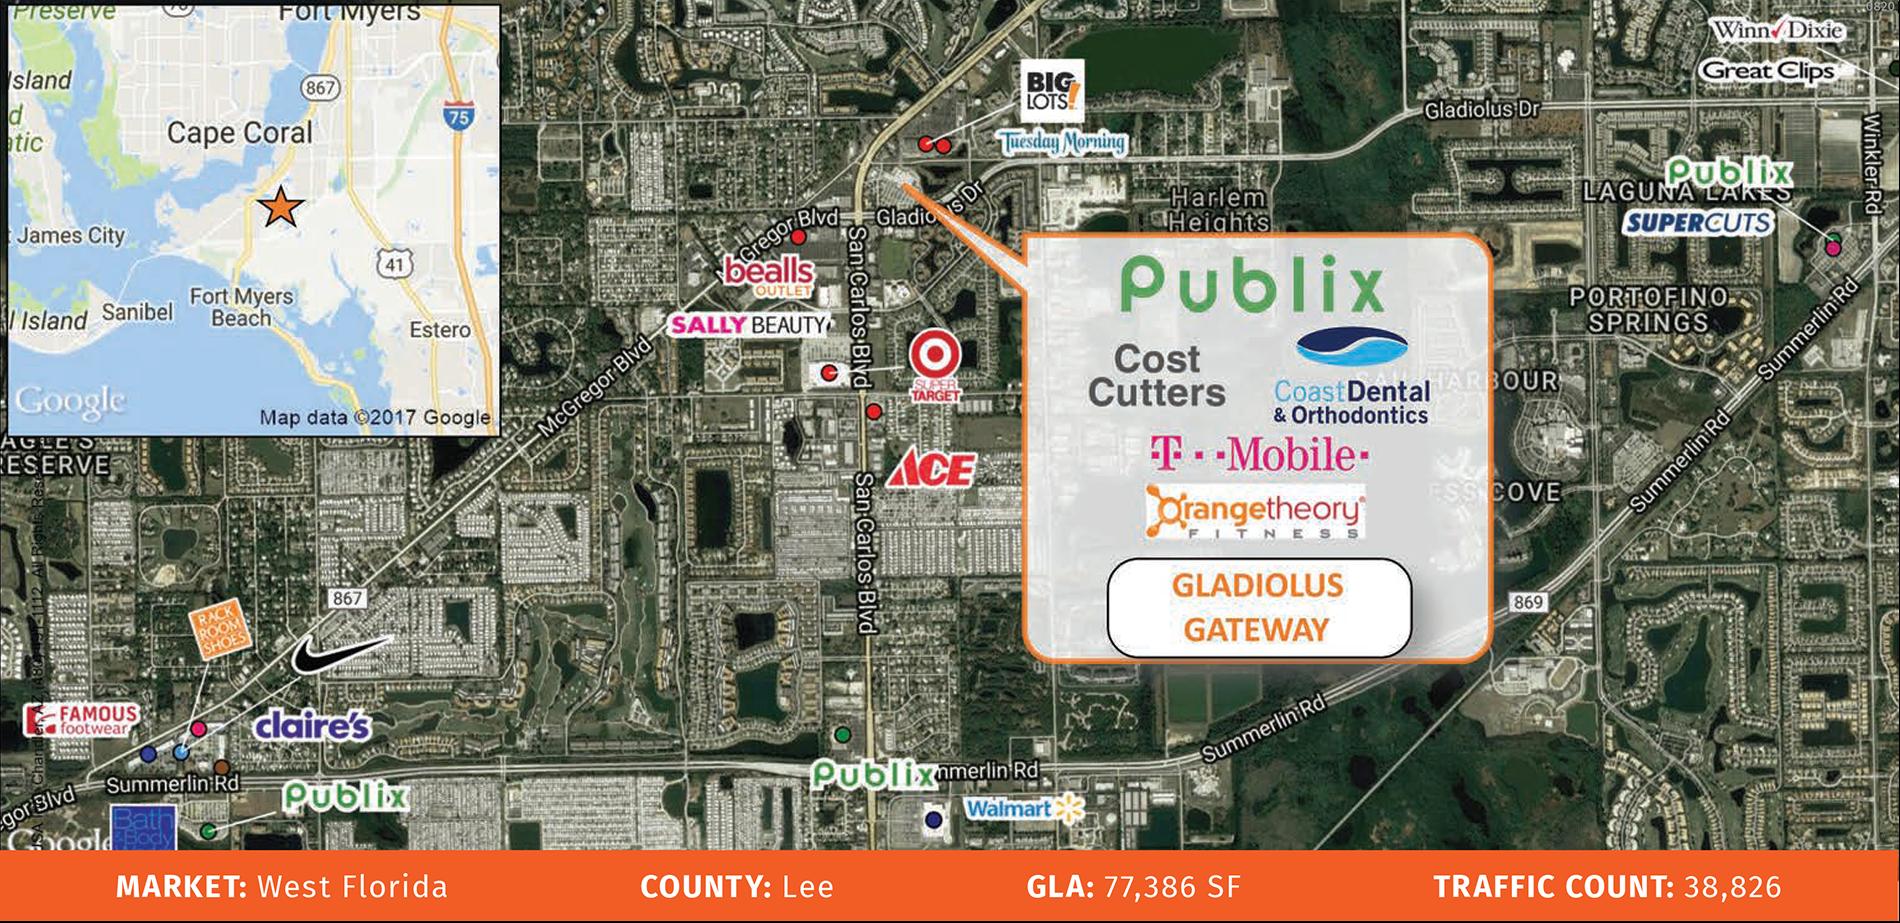 Gladiolus Gateway trade